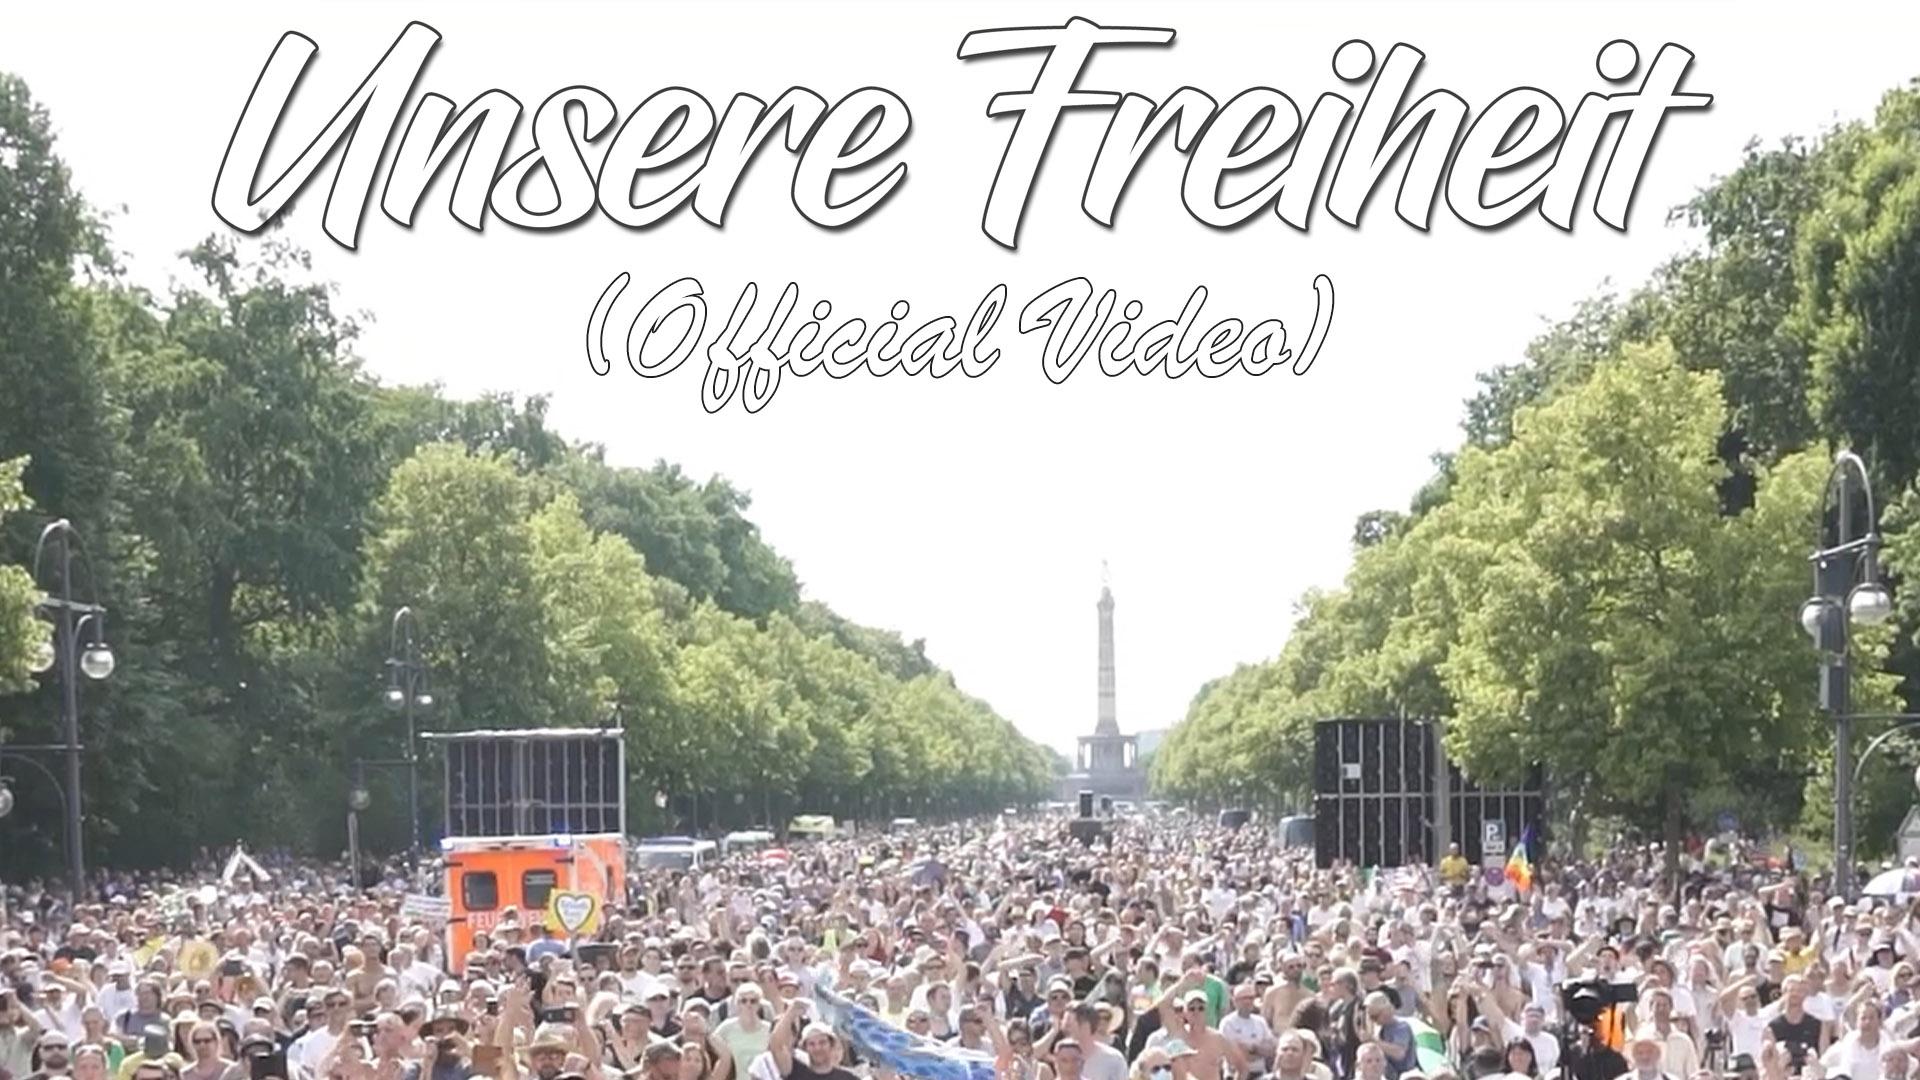 UNSERE FREIHEIT (OFFICIAL MUSIC VIDEO)